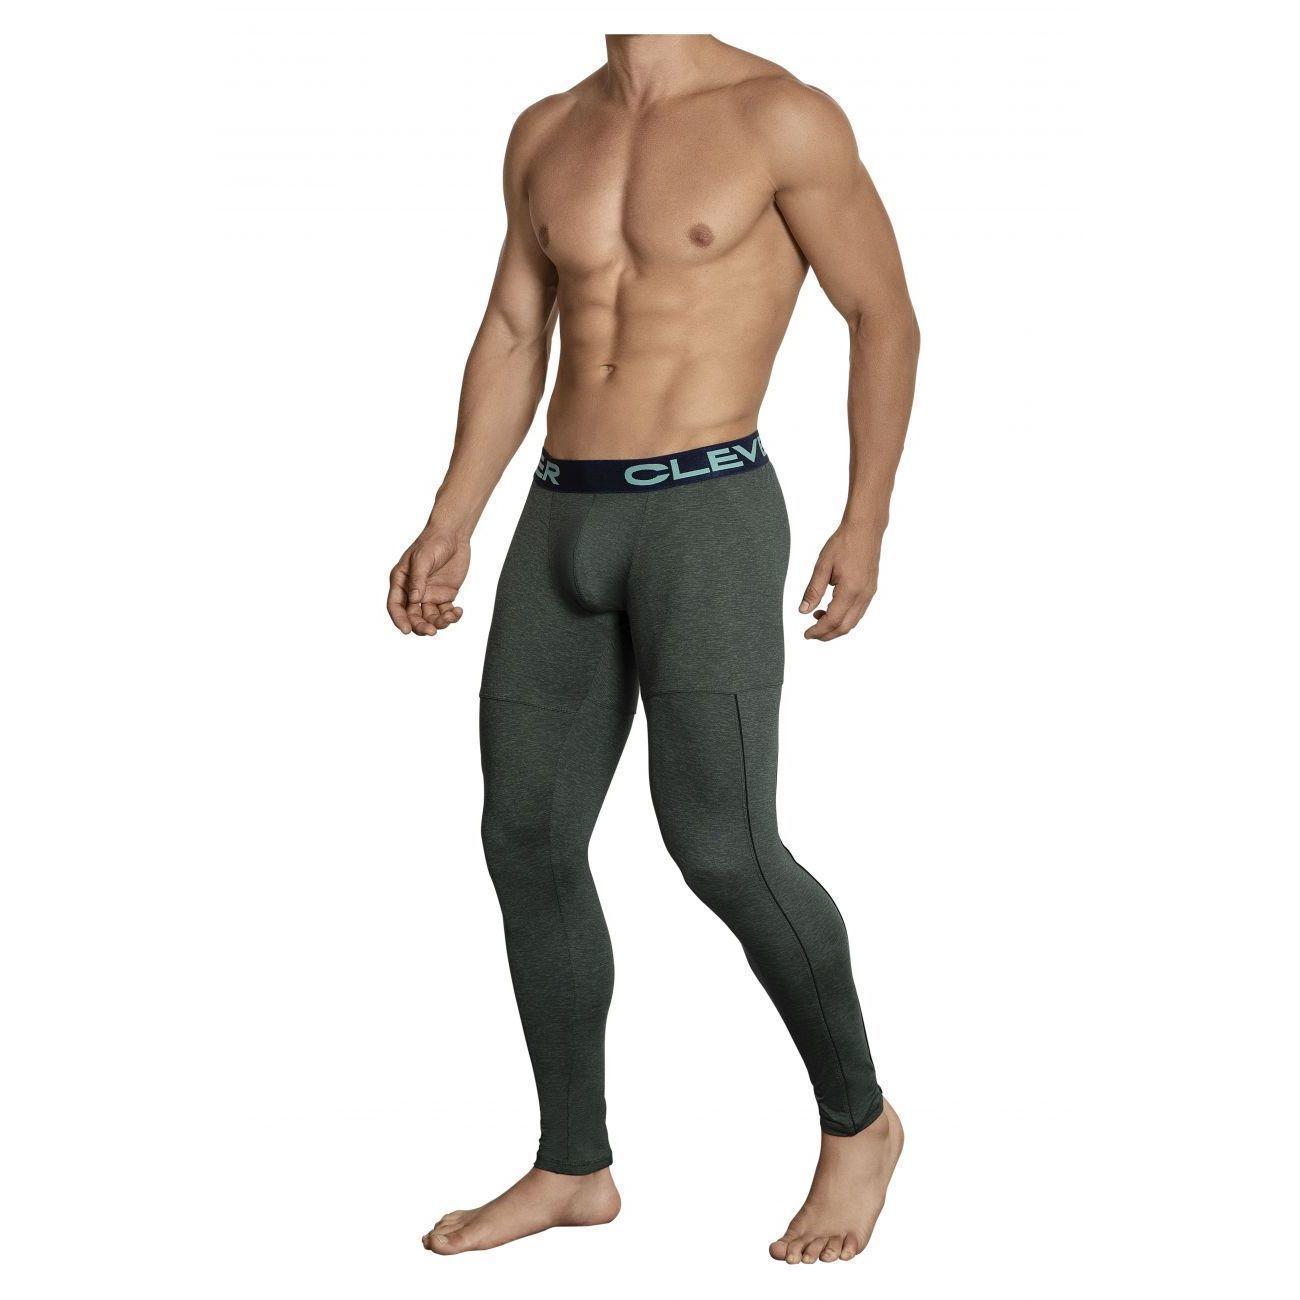 Мужские кальсоны серо-зеленые Clever Gordiano Long Pant 031410